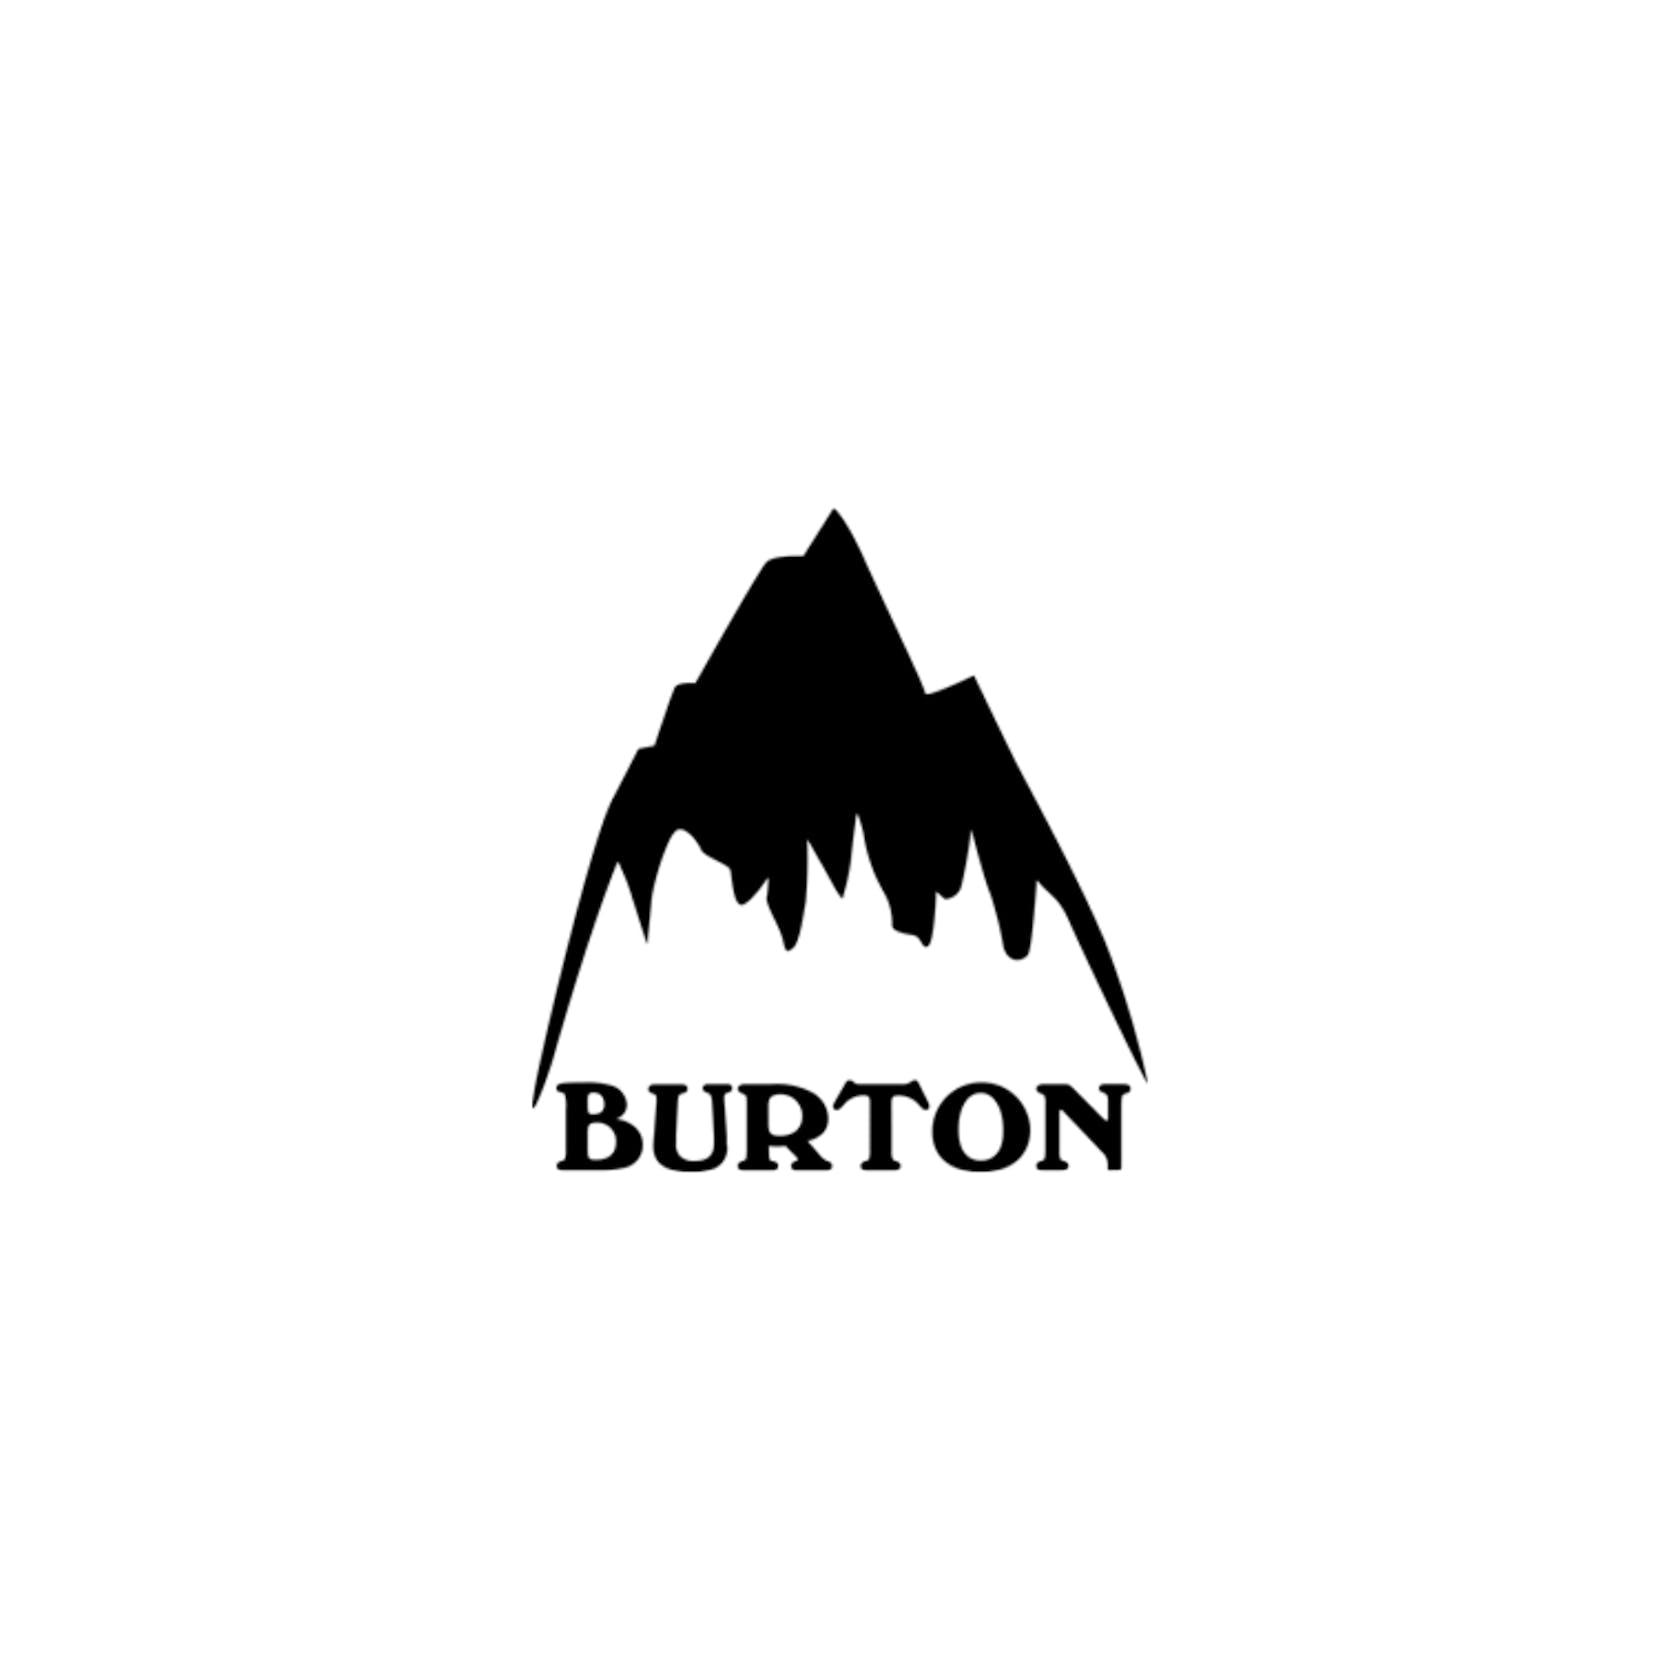 Burton Onlineshop